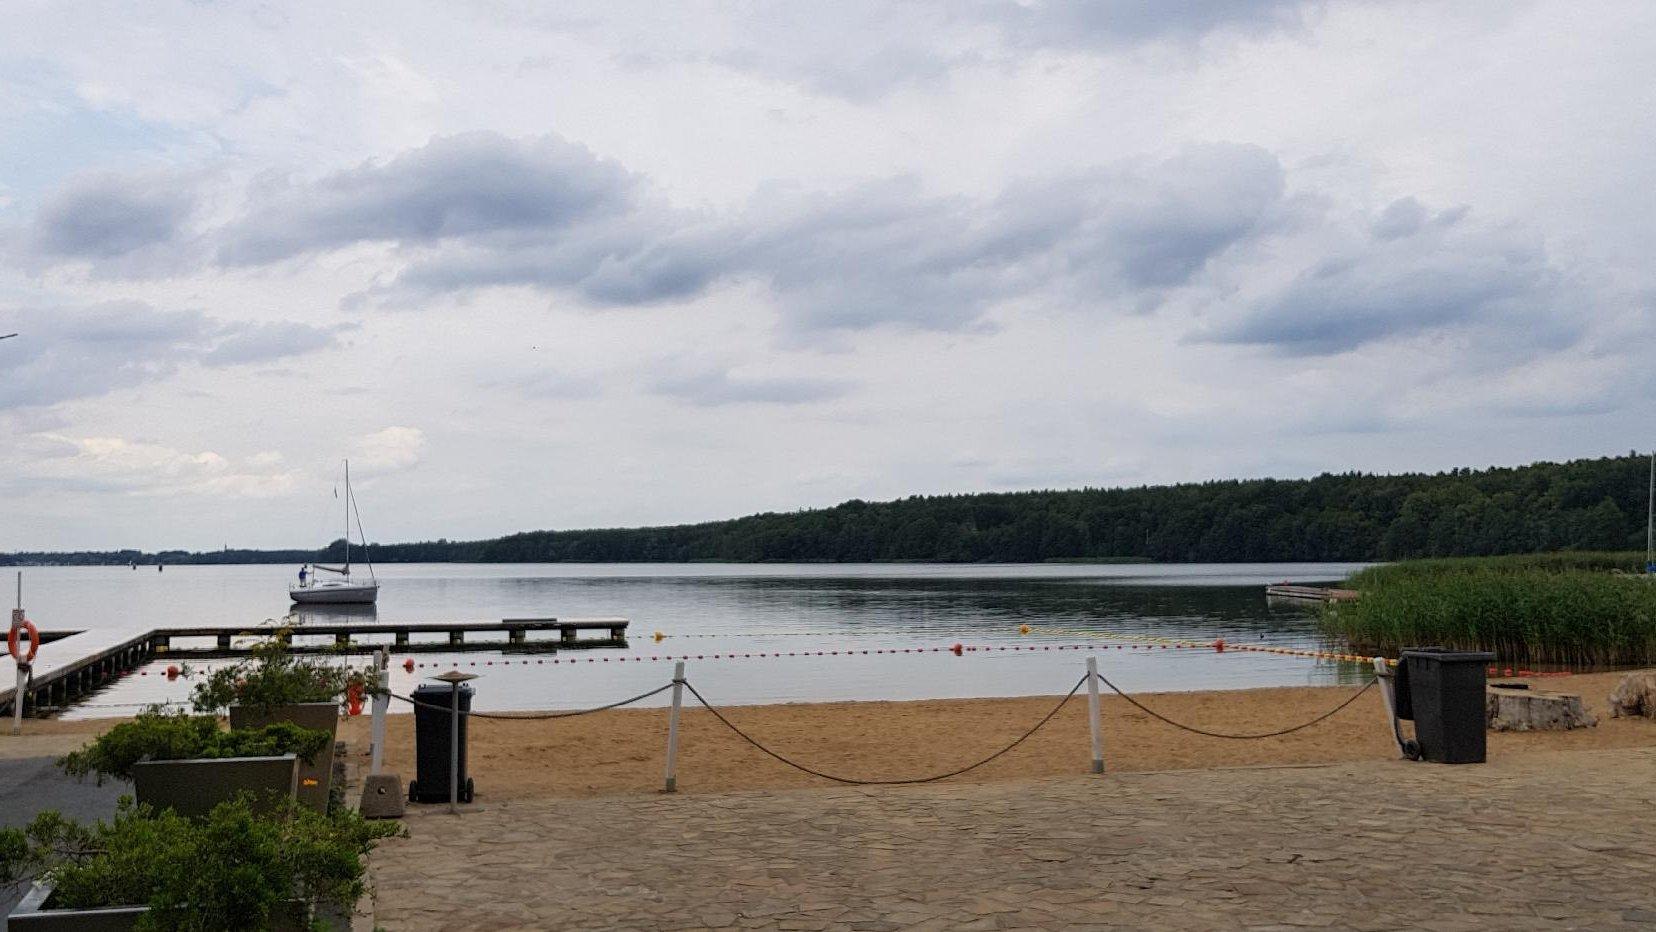 Zdjęcie przedstawia miejską plażę. Na jeziorze widać pomost i statek. - grafika artykułu